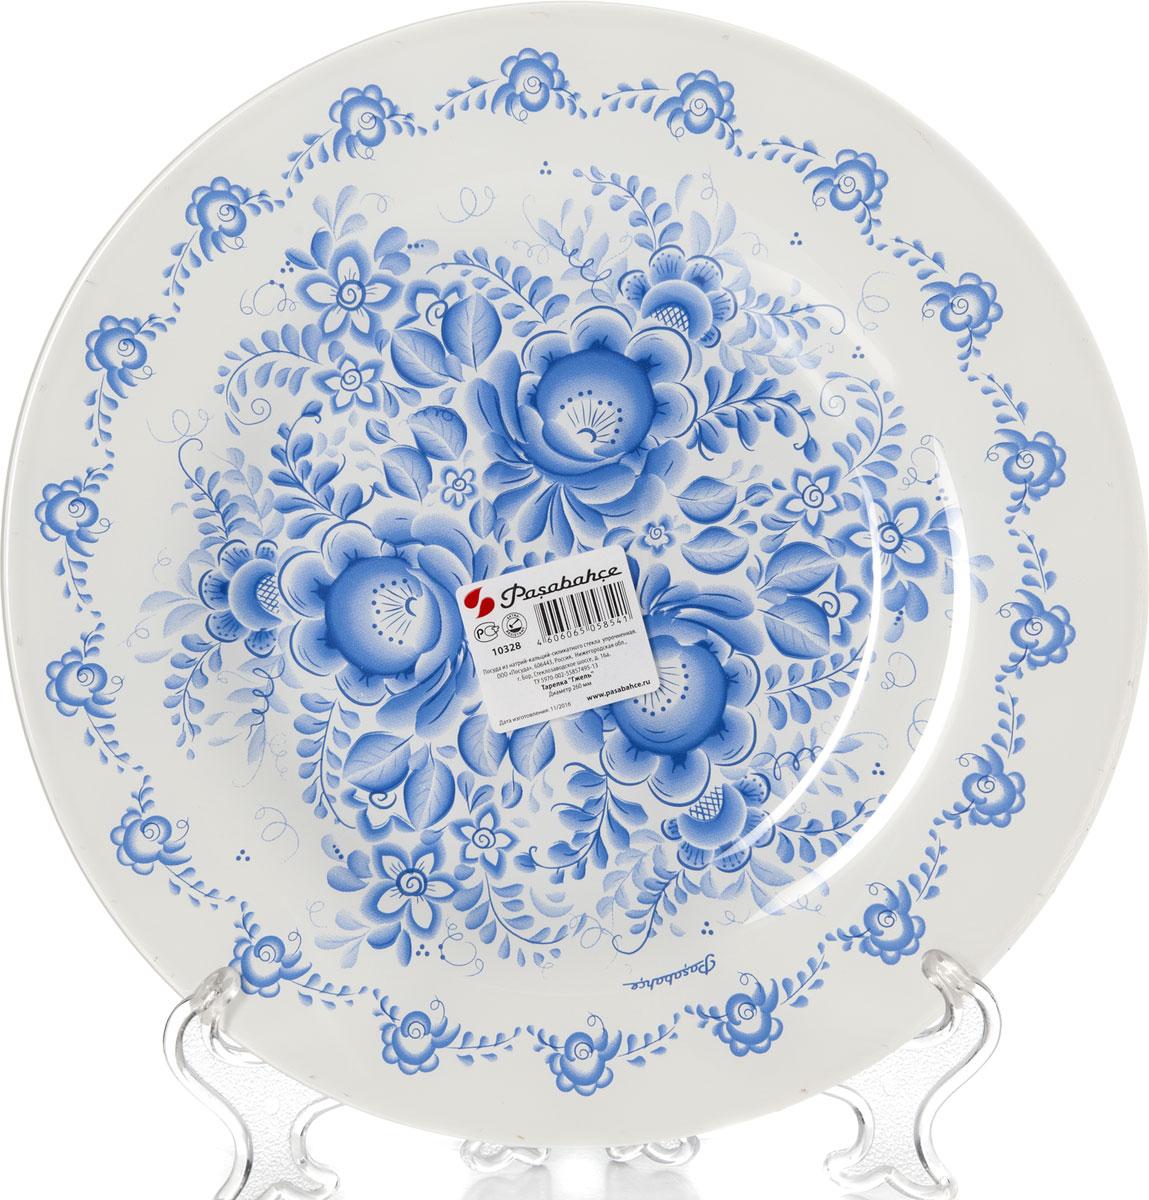 """Тарелка обеденная Pasabahce """"Гжель"""" выполнена из качественного упрочненного стекла и украшена рисунком гжель. Тарелка прекрасно подойдет в качестве сервировочного блюда.  Изящная тарелка прекрасно оформит праздничный стол и порадует вас и ваших гостей изысканным дизайном и формой.   Диаметр тарелки: 26 см."""